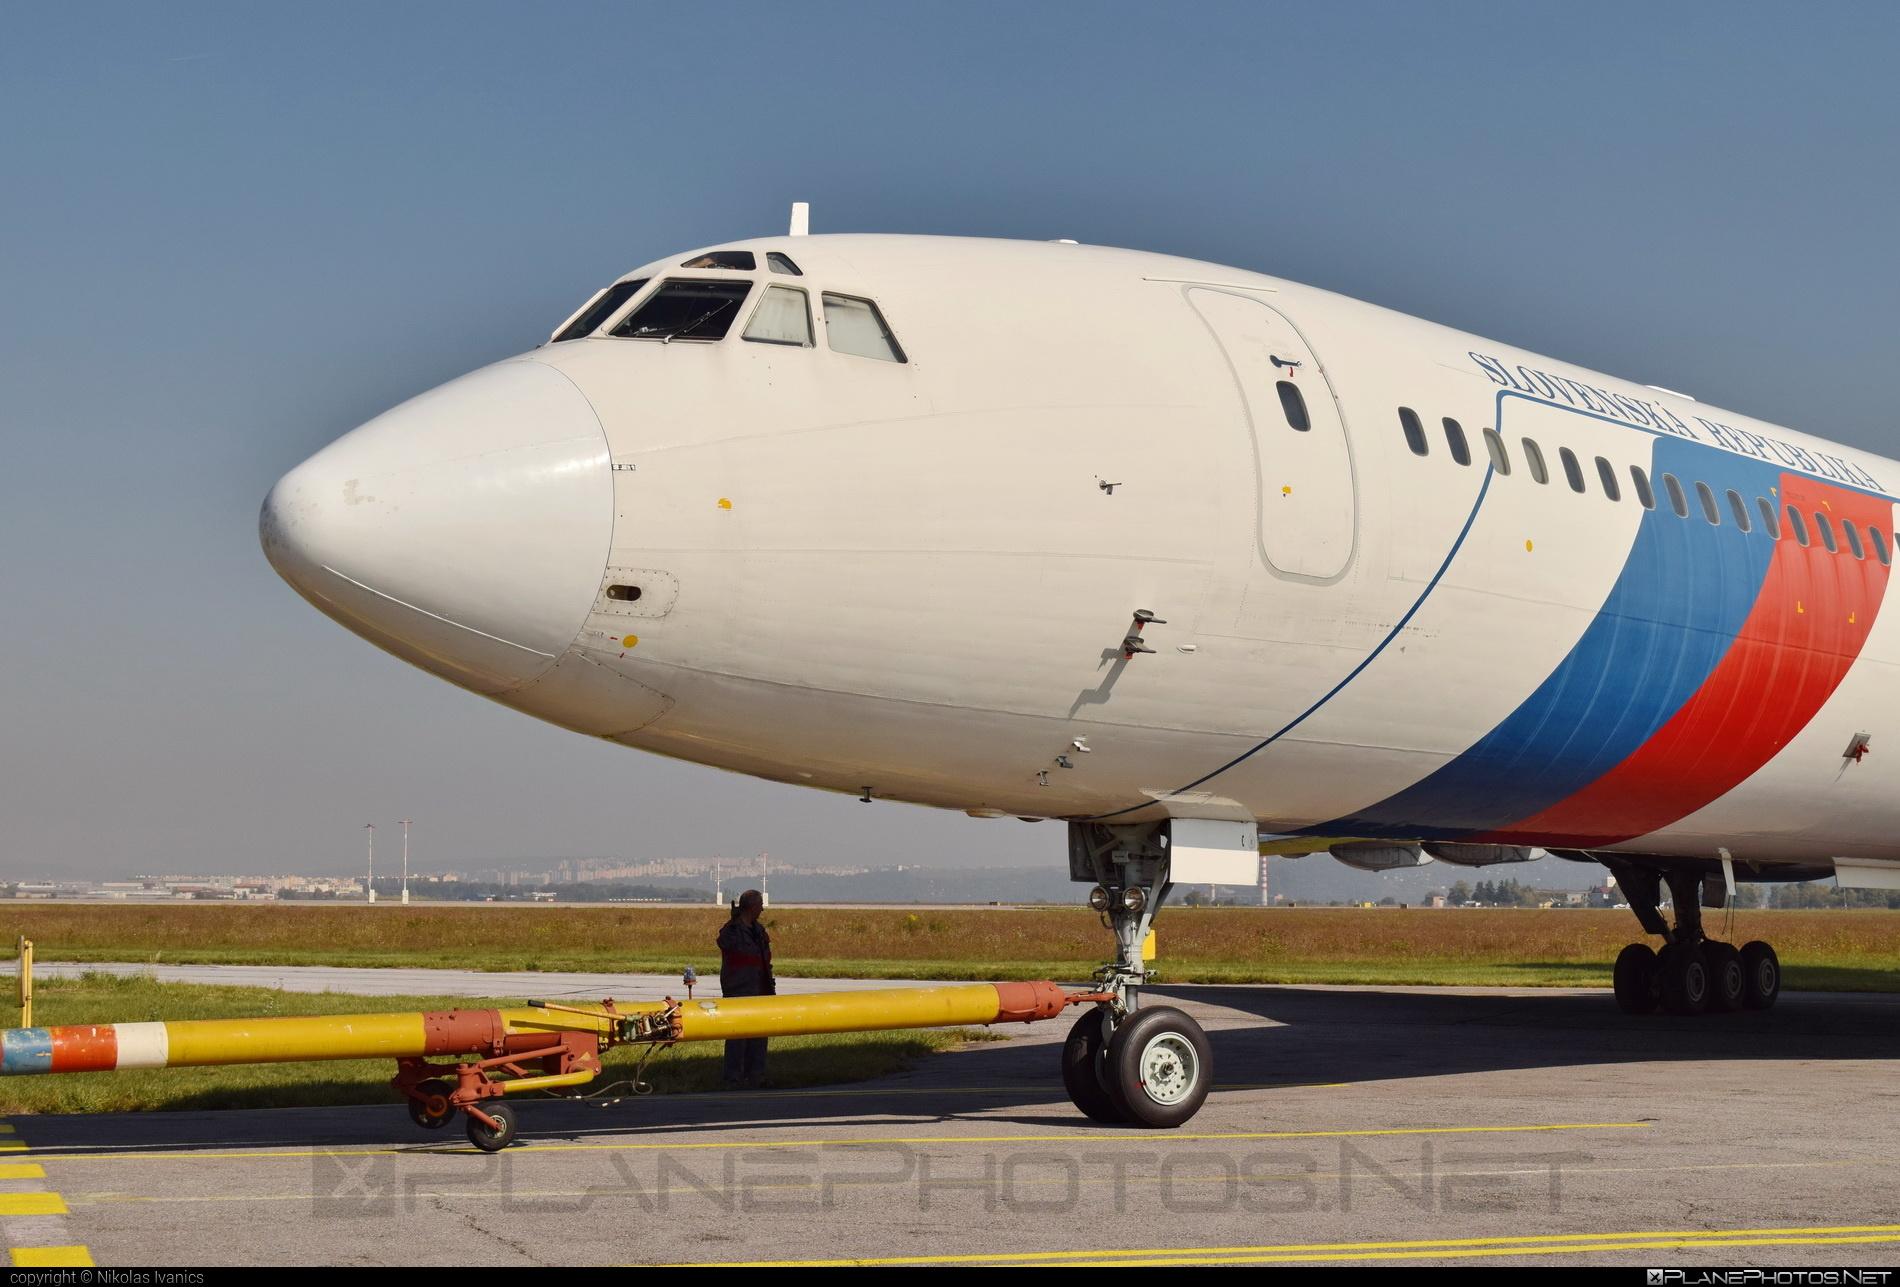 Tupolev Tu-154M - OM-BYO operated by Letecký útvar MV SR (Slovak Government Flying Service) #SlovakGovernmentFlyingService #leteckyutvarMVSR #tu154 #tu154m #tupolev